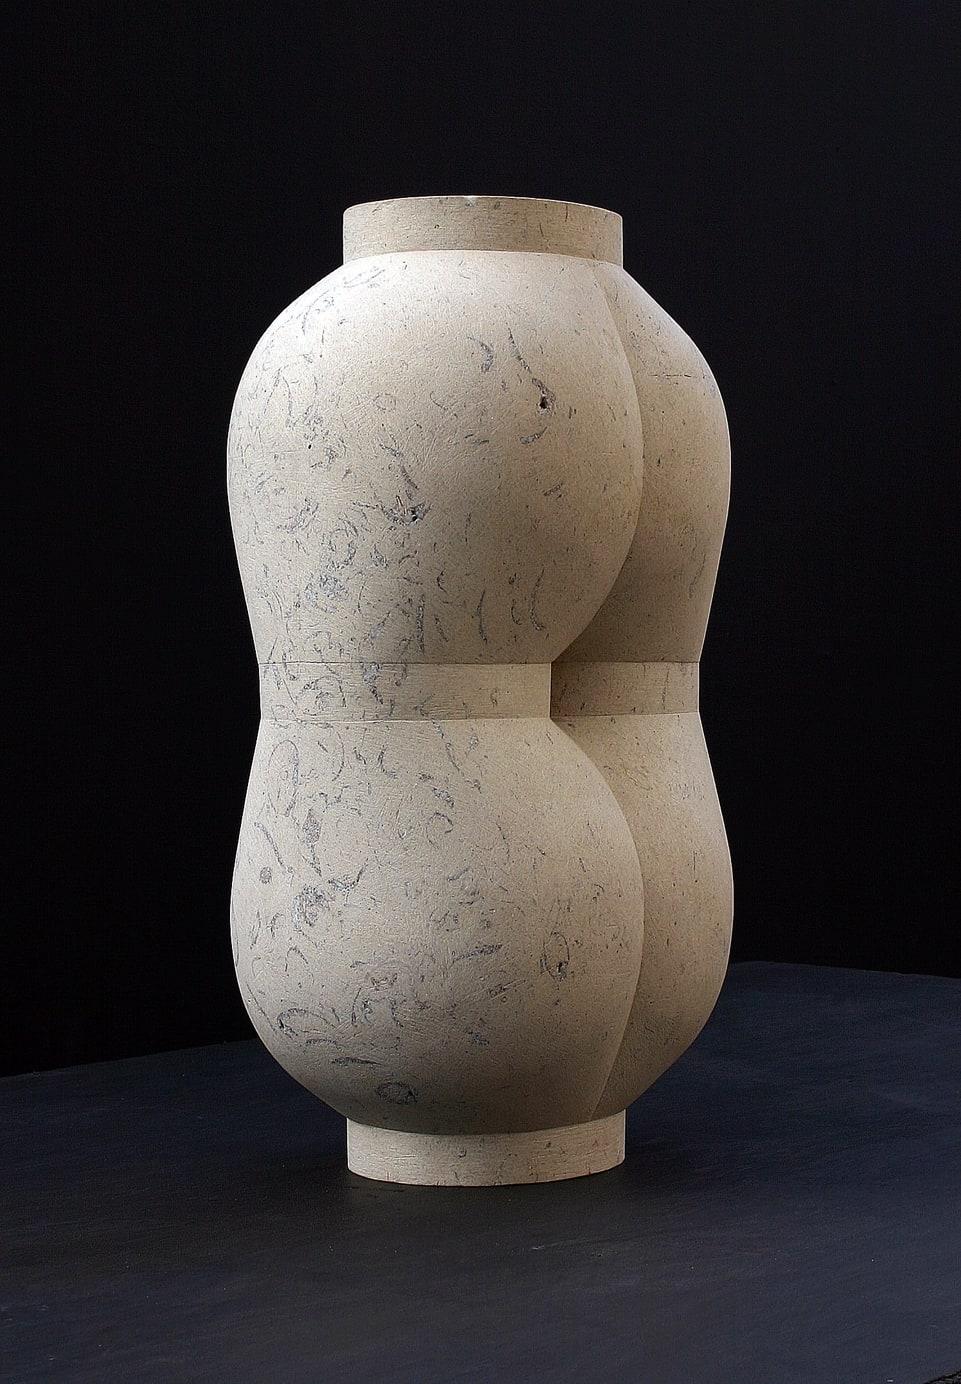 Paul de Monchaux, Ellipse, 2005